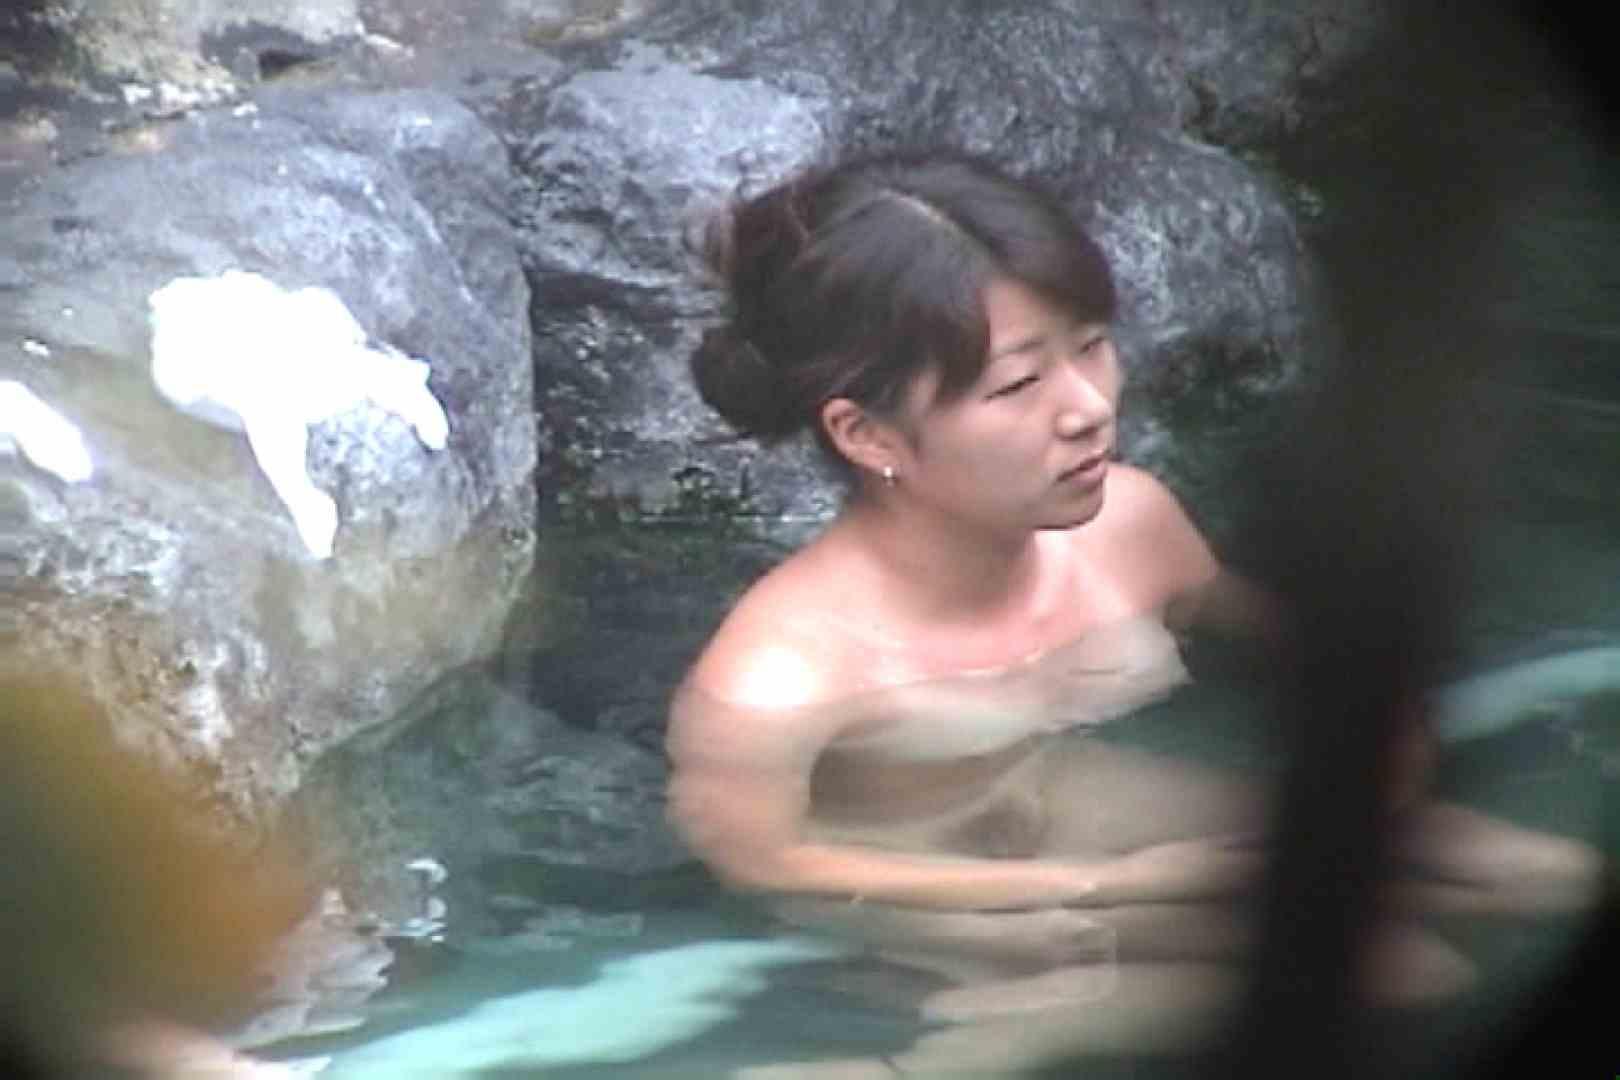 Aquaな露天風呂Vol.69【VIP限定】 OLのエロ生活  106連発 99